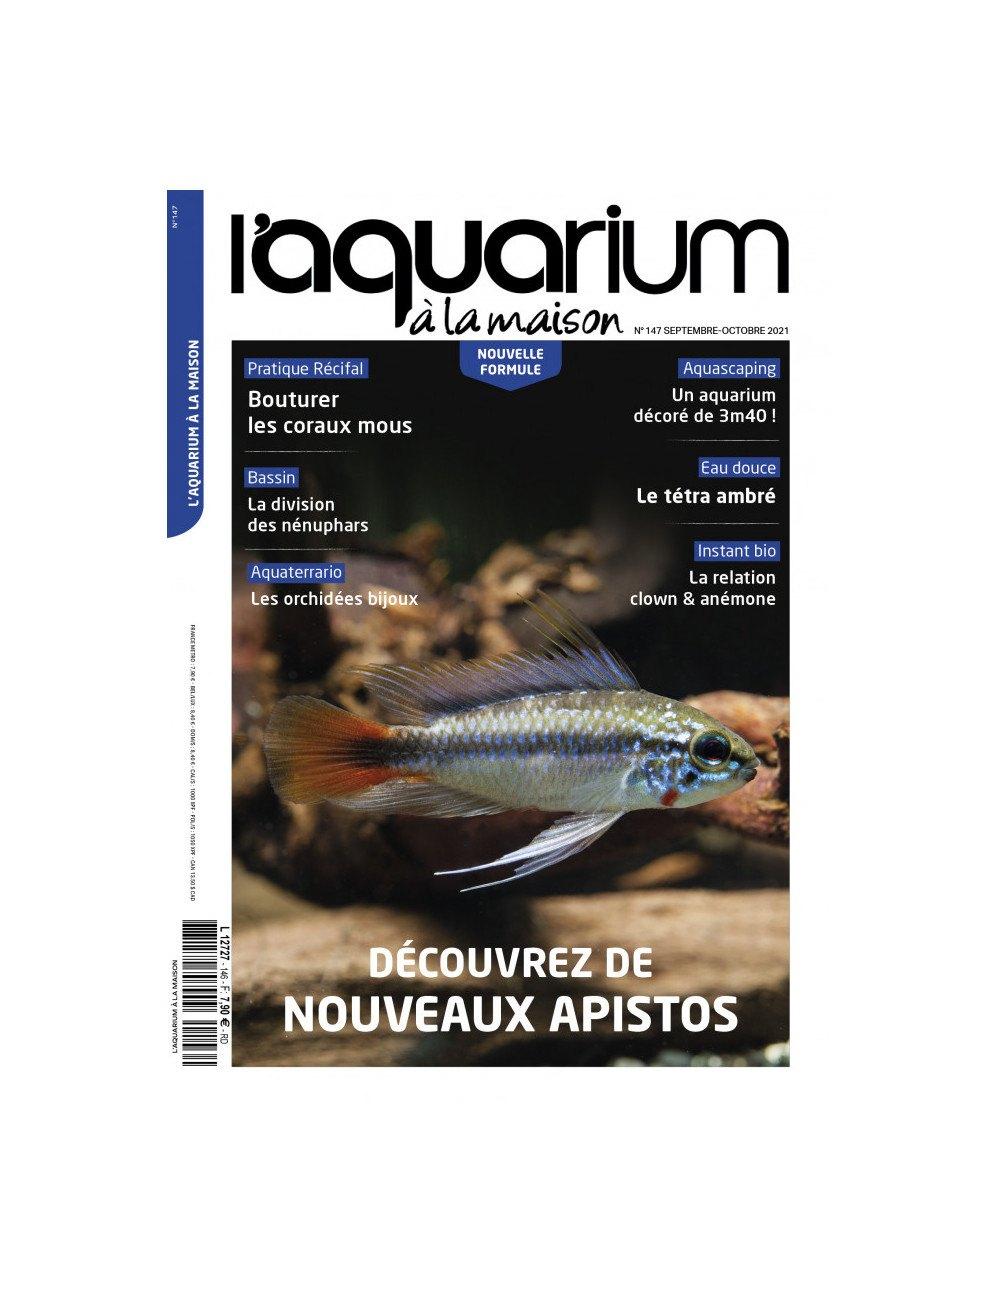 L'Aquarium à la maison - Numéro 147